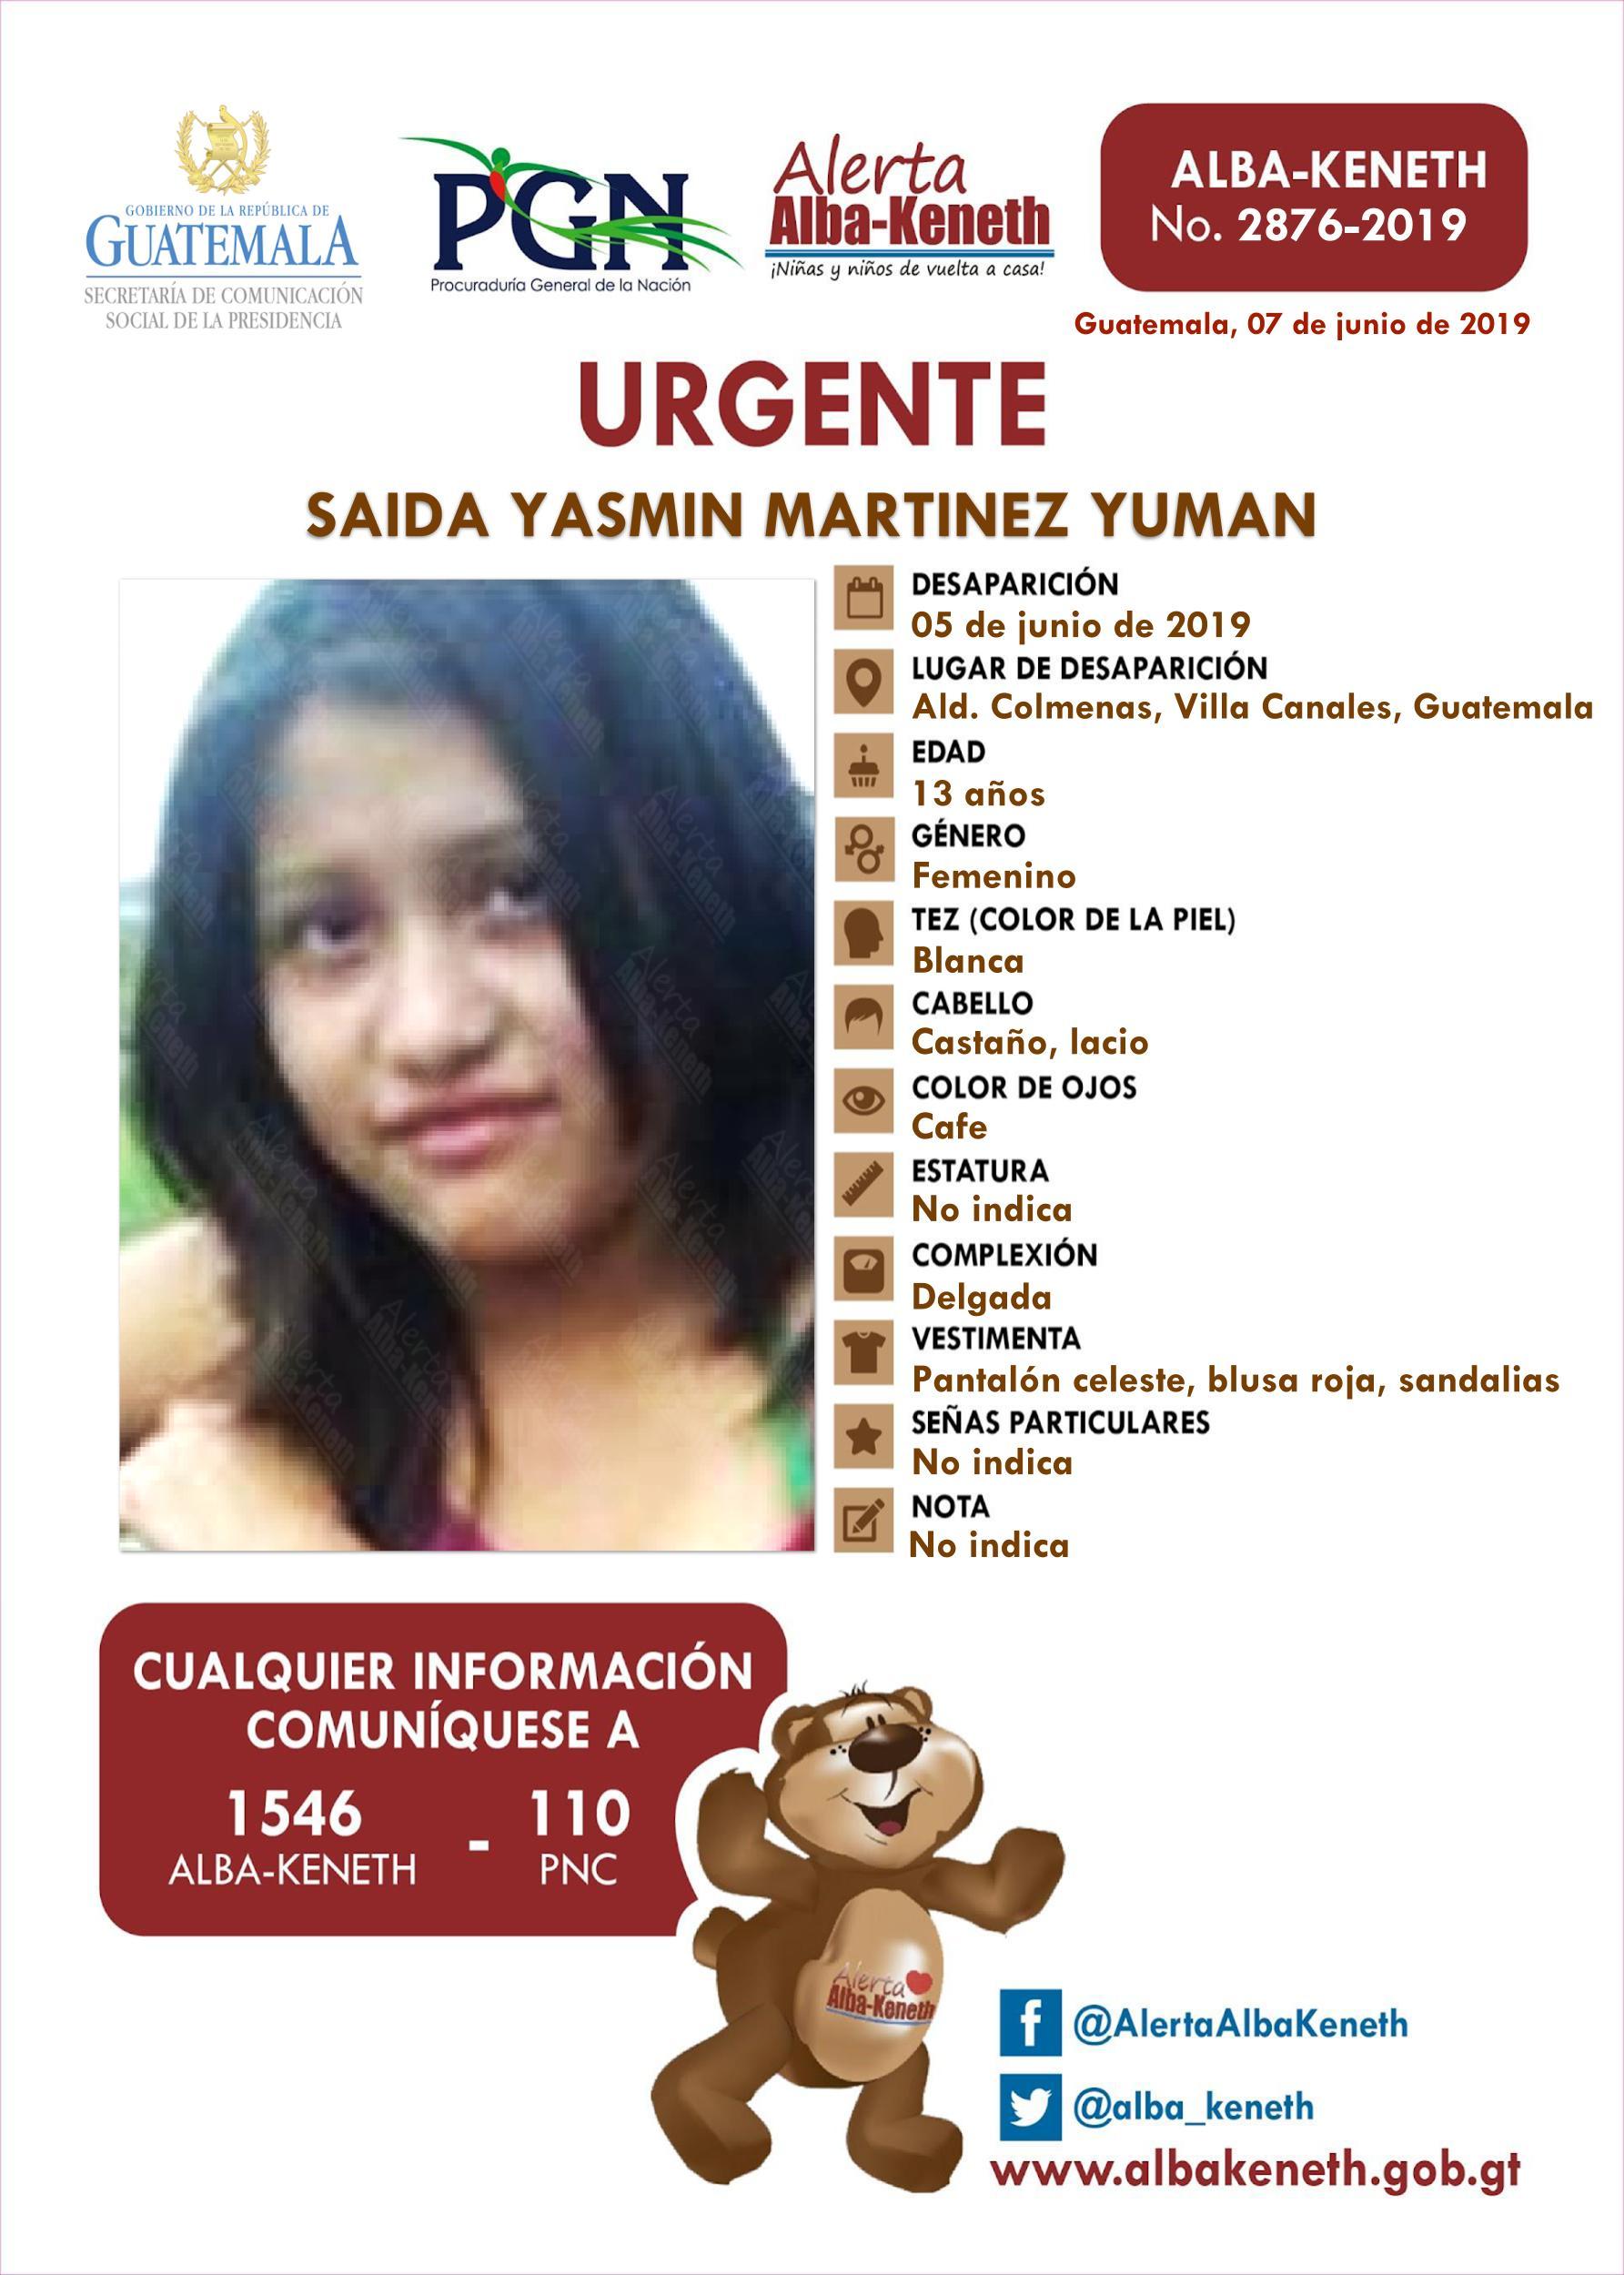 Saida Yasmin Martinez Yuman